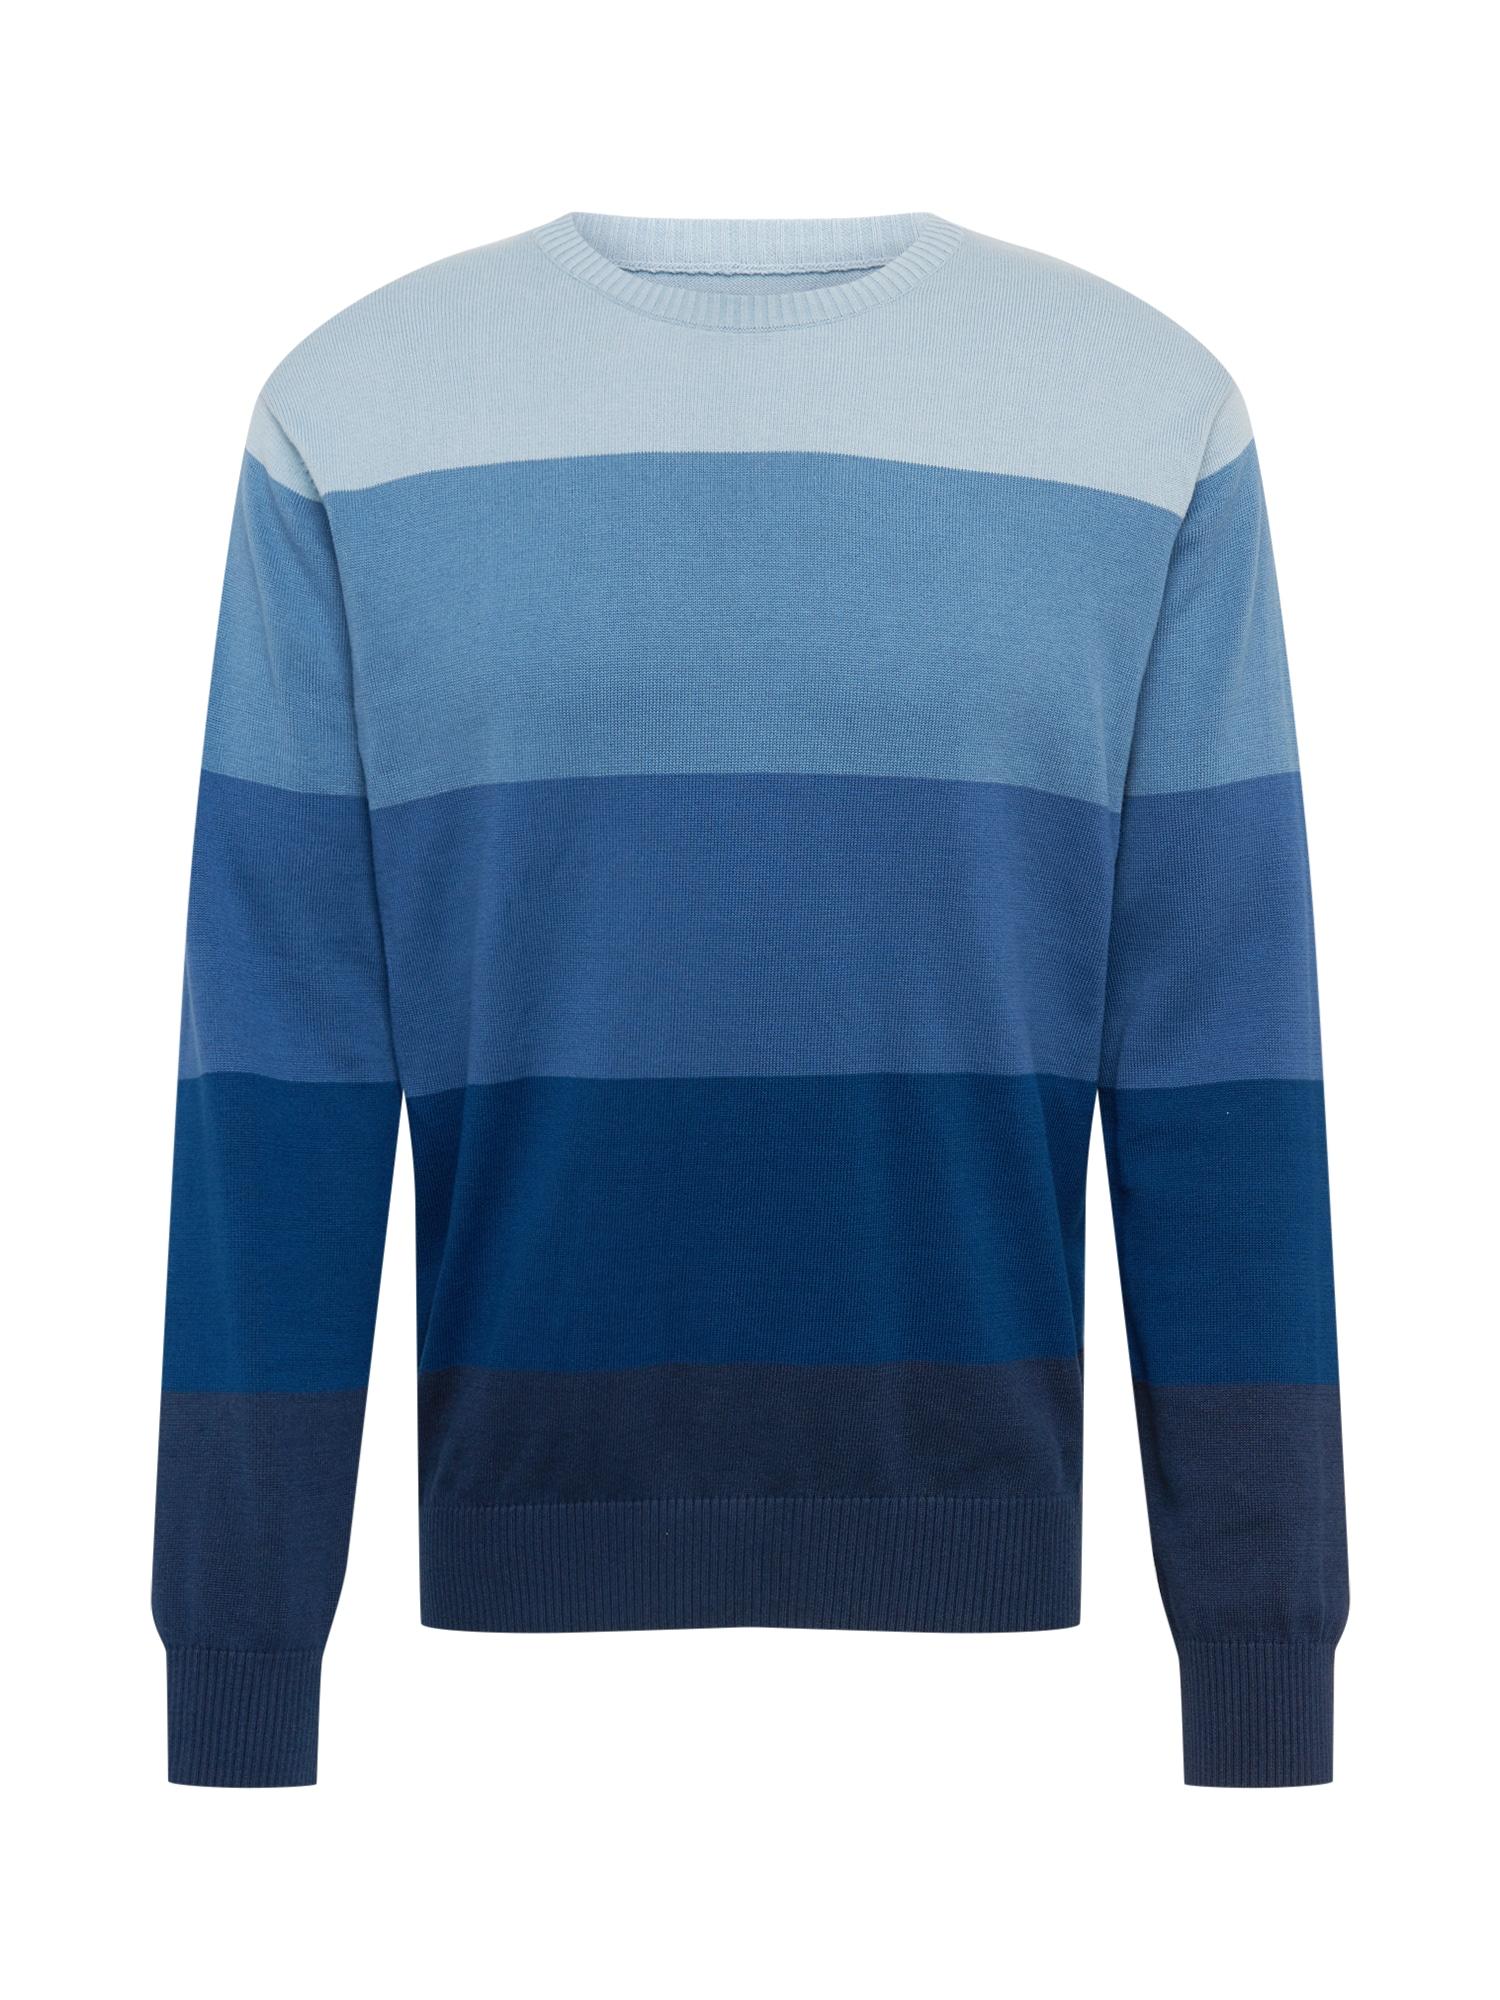 DEDICATED. Megztinis tamsiai mėlyna / tamsiai mėlyna jūros spalva / melsvai pilka / mėlyna dūmų spalva / šviesiai mėlyna